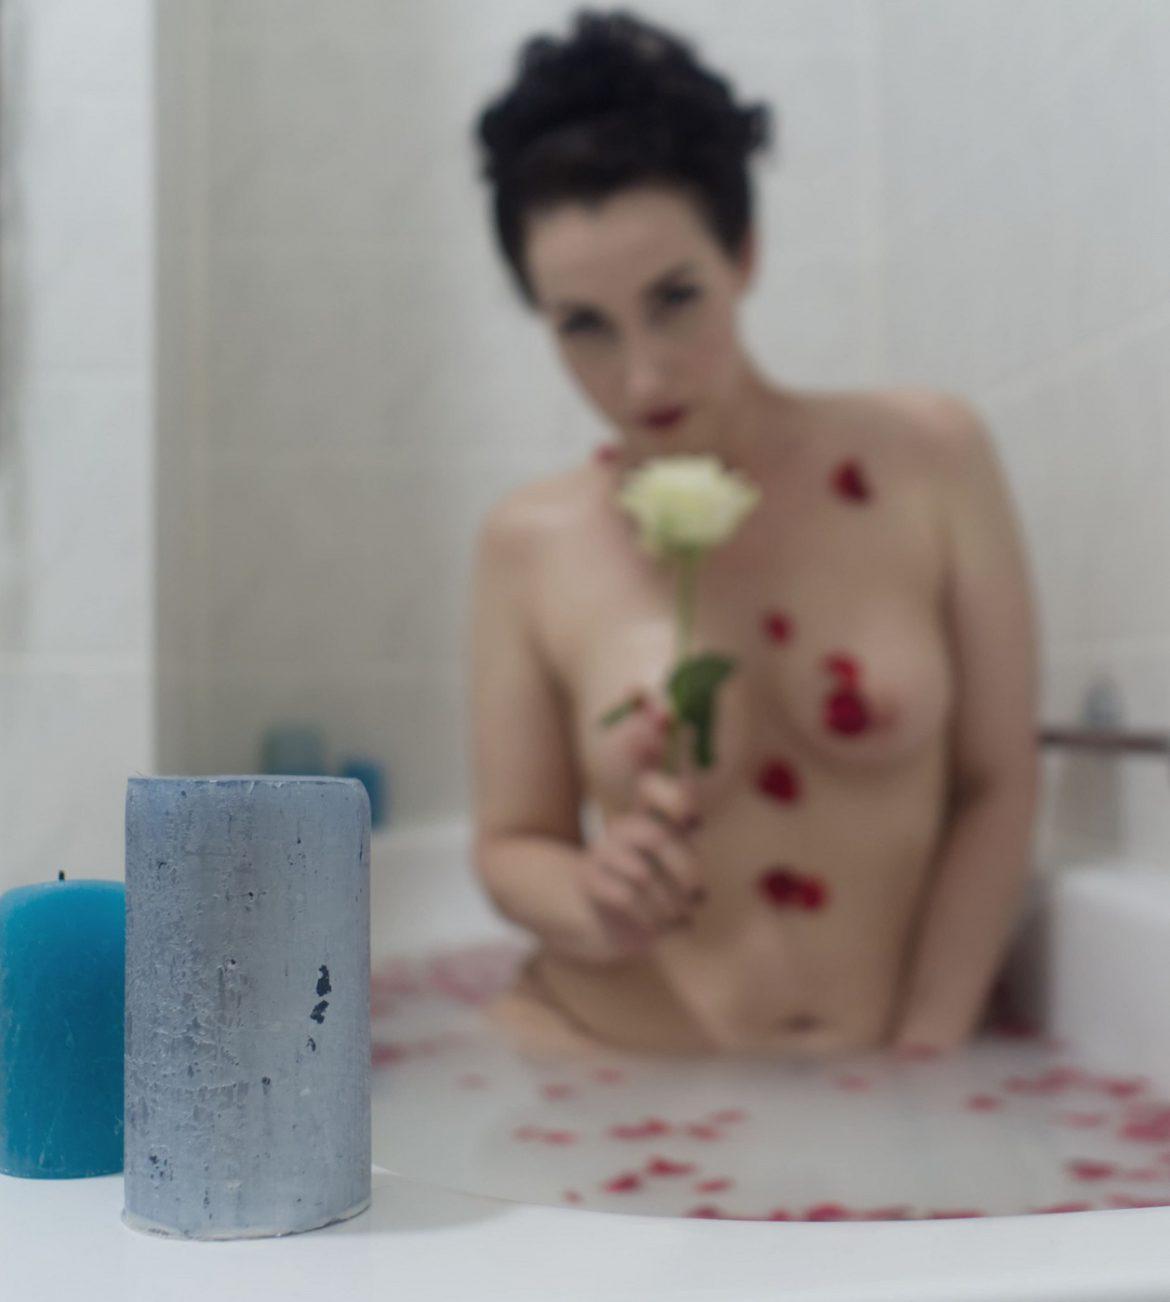 Lydia kniet in der Badewanne in milchigem Wasser, in welchem rote Rosenblütenblätter schwimmen. Sie ist nur verschwommen zu erkennen, blaue Kerzen im Vordergrund sind scharf. Die Blütenblätter haften auch an ihrem nackten Körper. In der rechten Hand hält sie eine weiße Rose und schaut darüber hinweg in die Kamera.